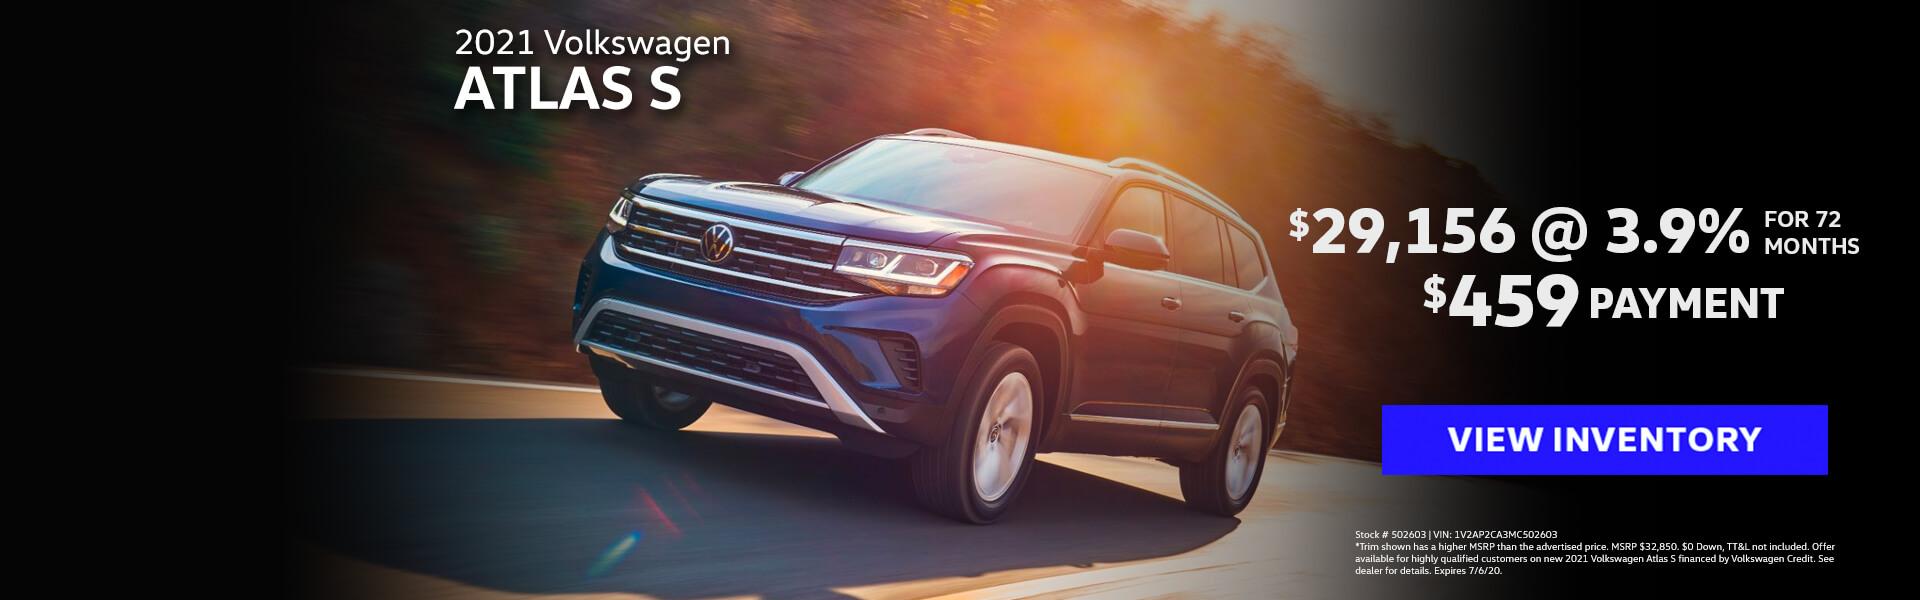 VW Atlas Offer